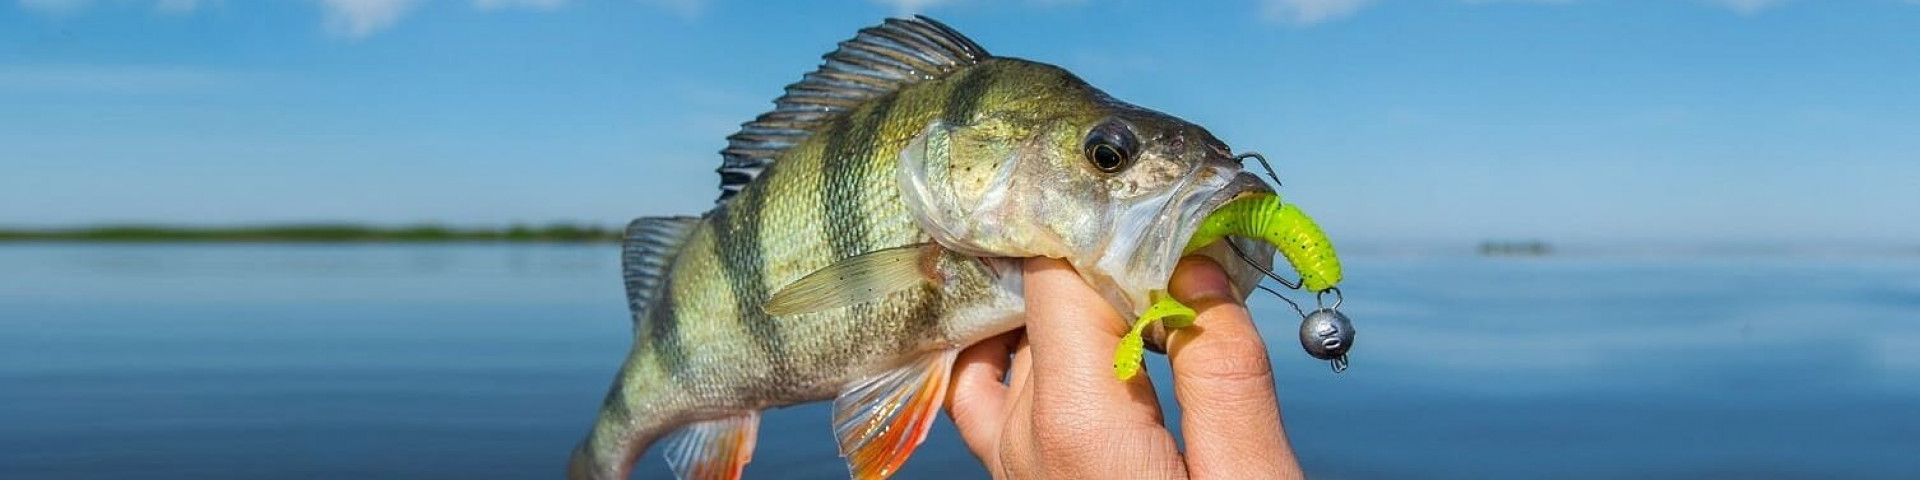 Секрет удачной рыбалки, правильно подобранная приманка: рейтинг лучших силиконовых приманок для рыбалки